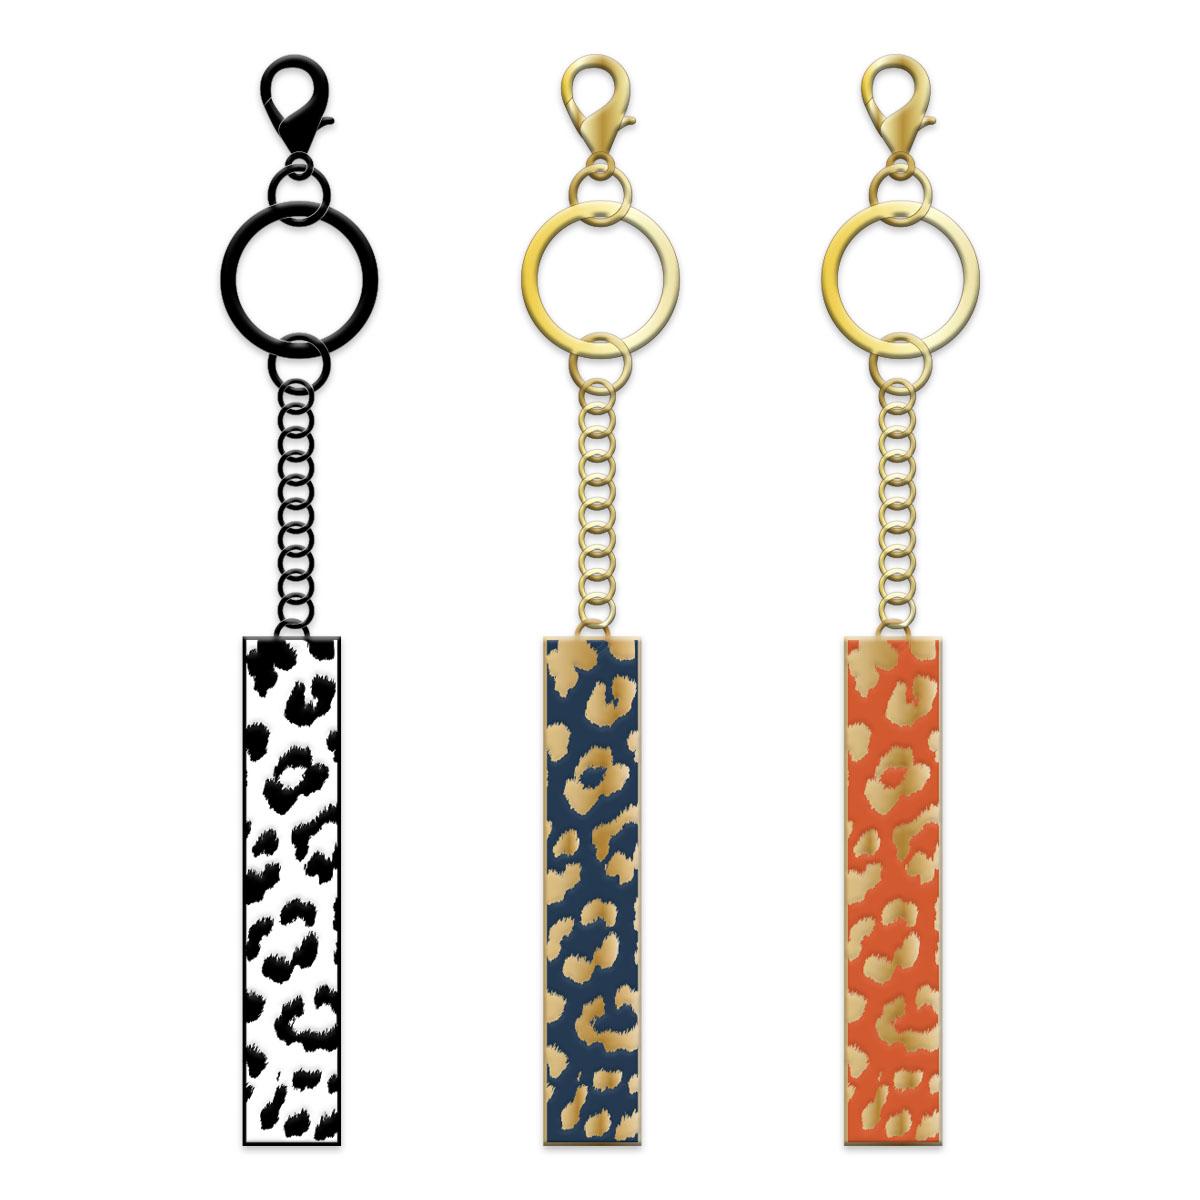 Monochrome Leopard Keychain